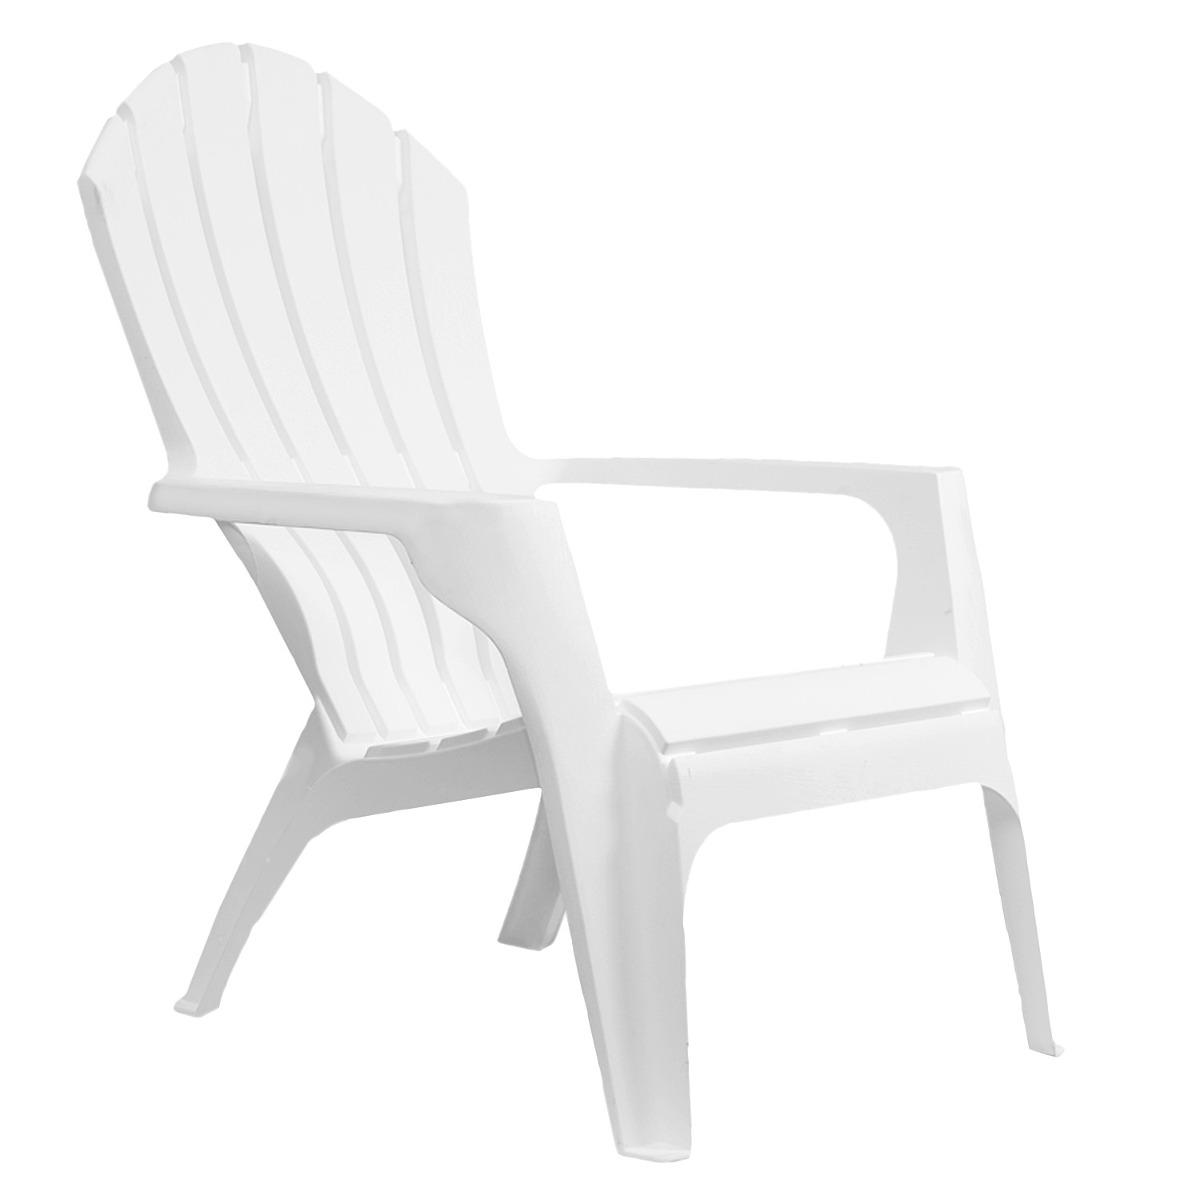 Sill N Grande Garden Life Miami Pl Stico Blanco 85 1257 699 00  # Muebles Naldo Lombardi